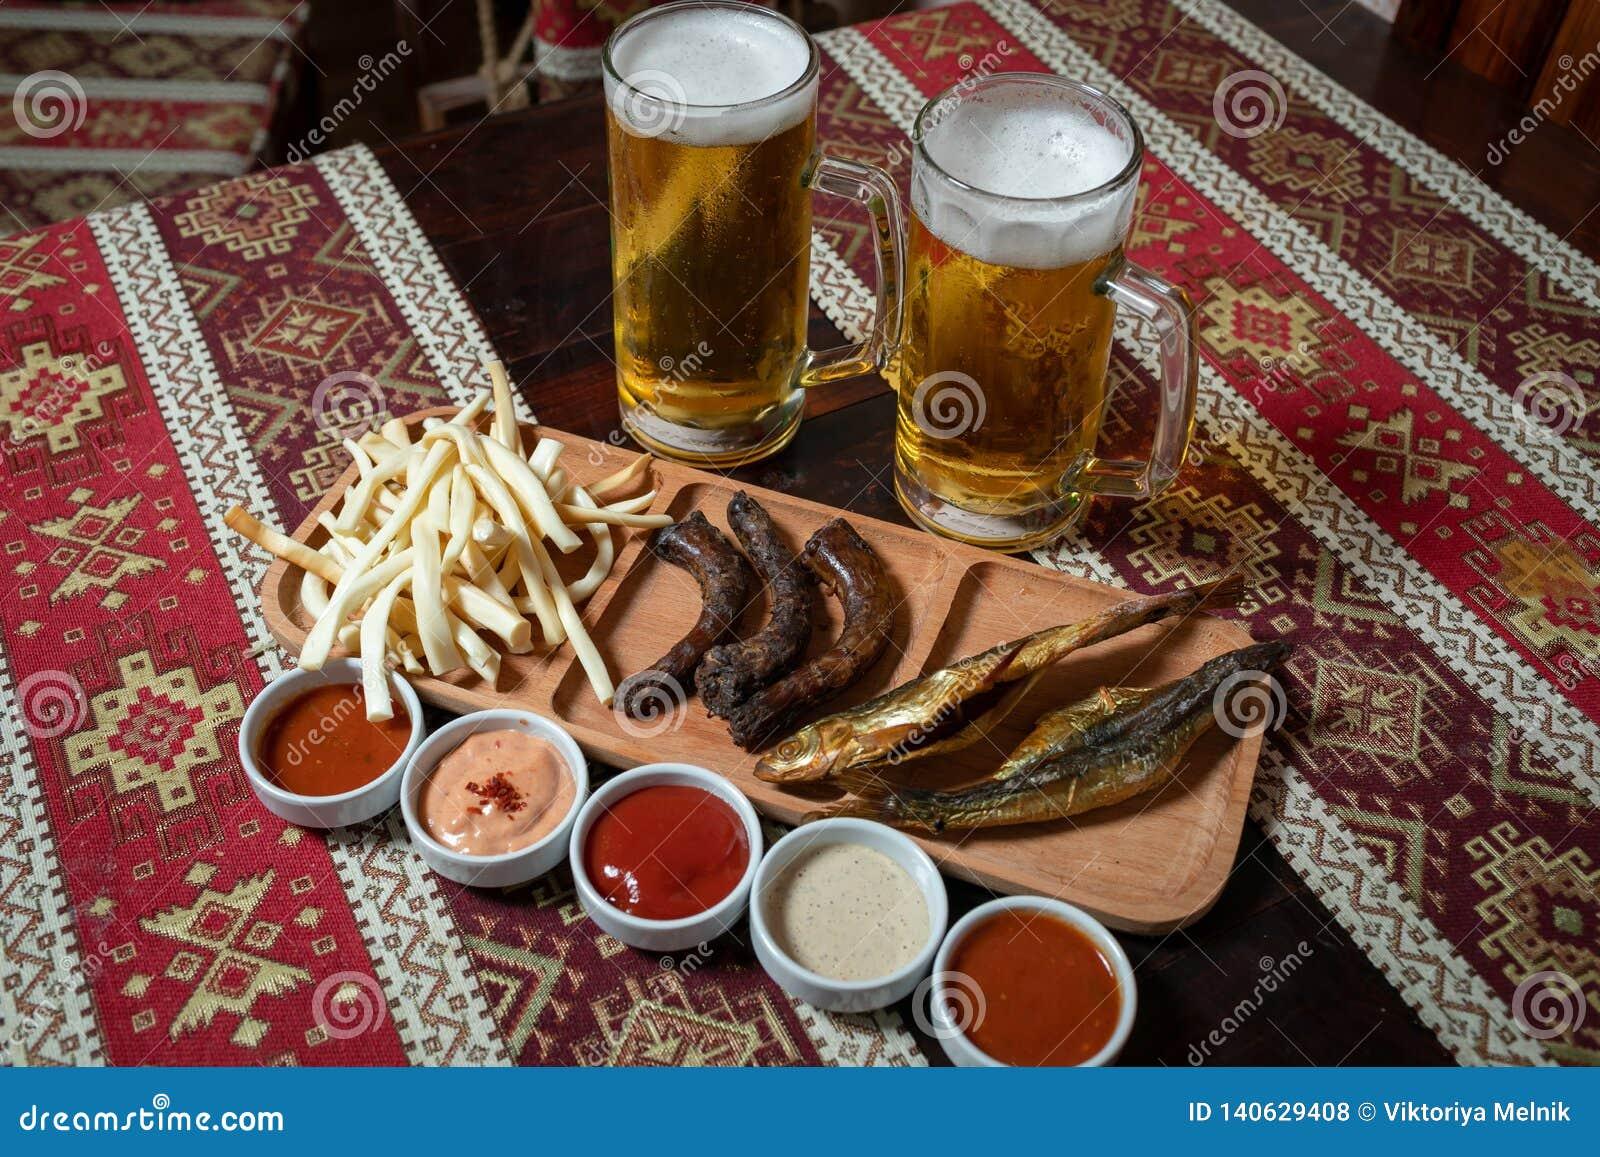 Detta är sparar av EPS10 formaterar Två öl och aptitretare på en träplatta med fem såser På en trätabell med en bordduk med natio